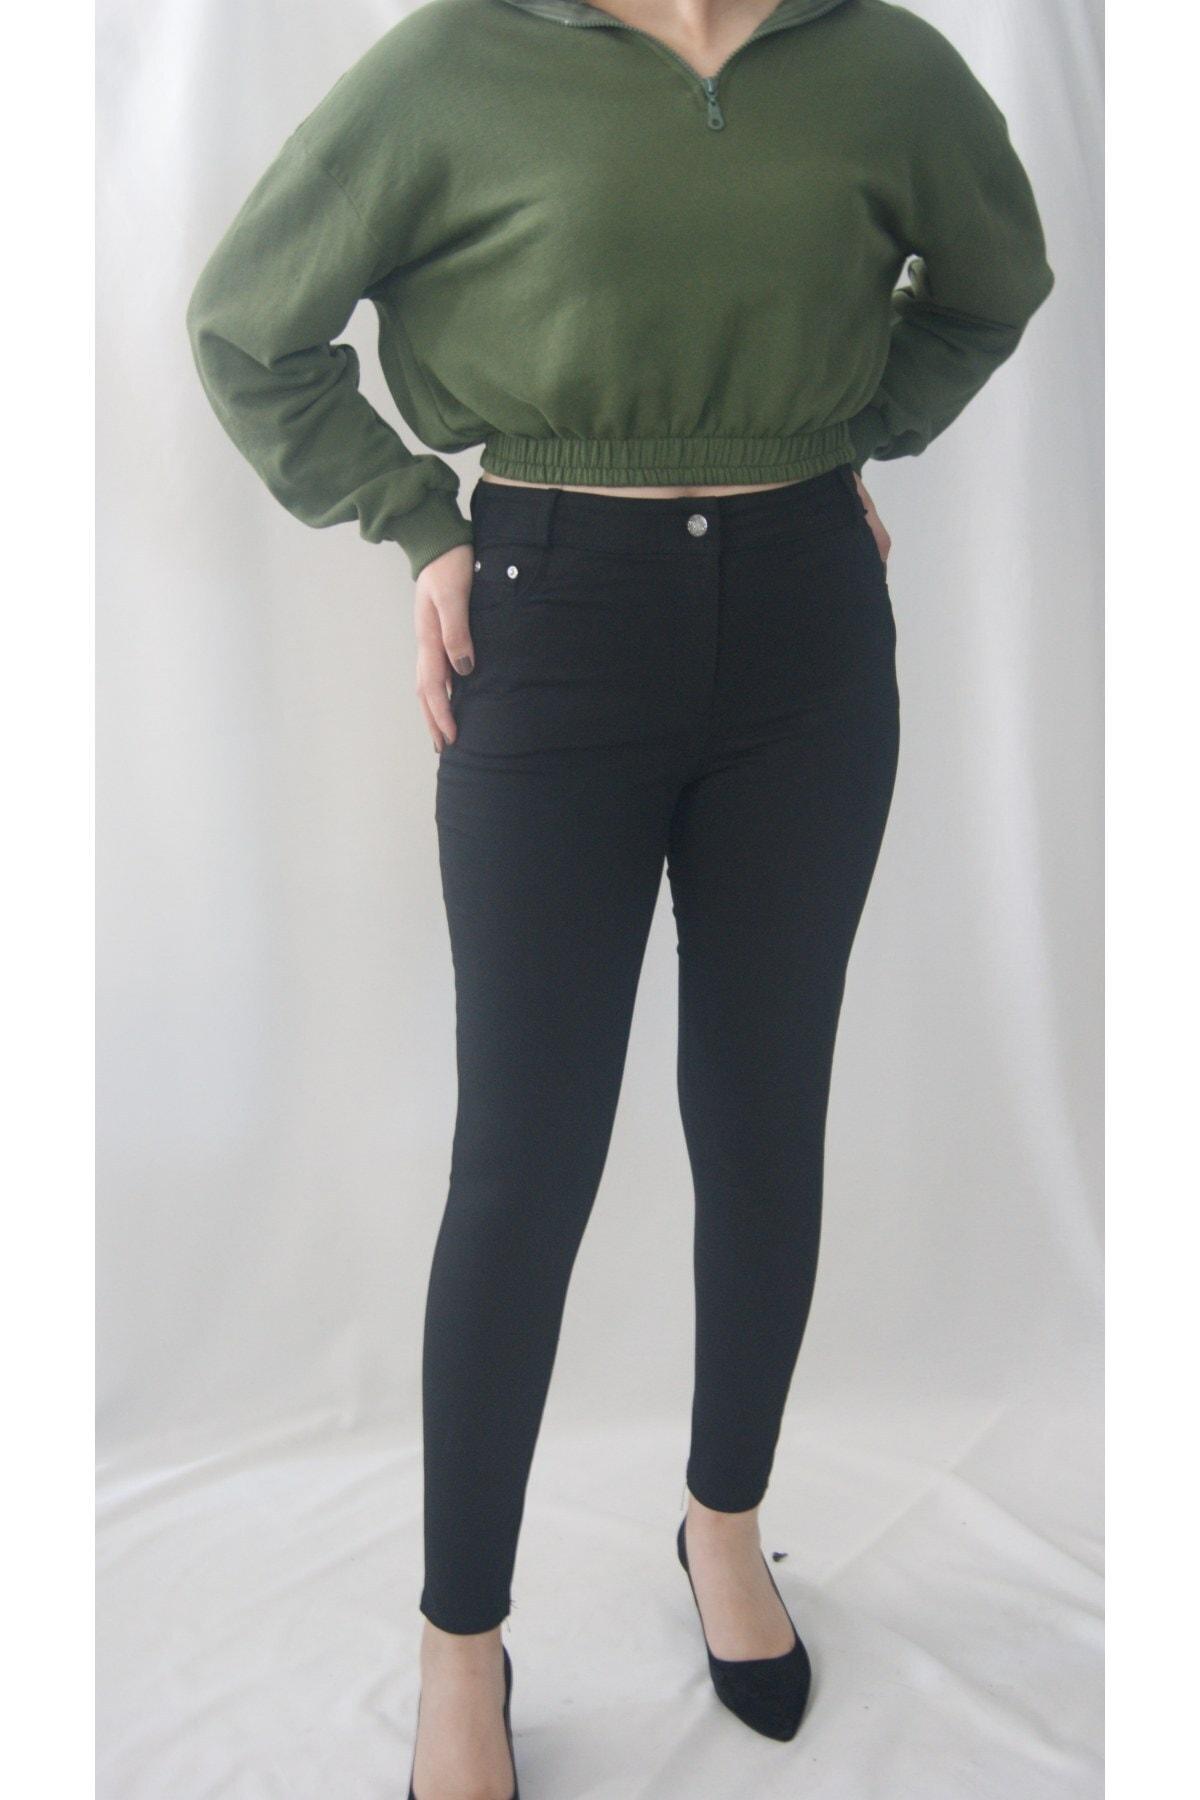 Zena Moda Kadın Siyah Beş Cep Likralı Pantolon 1